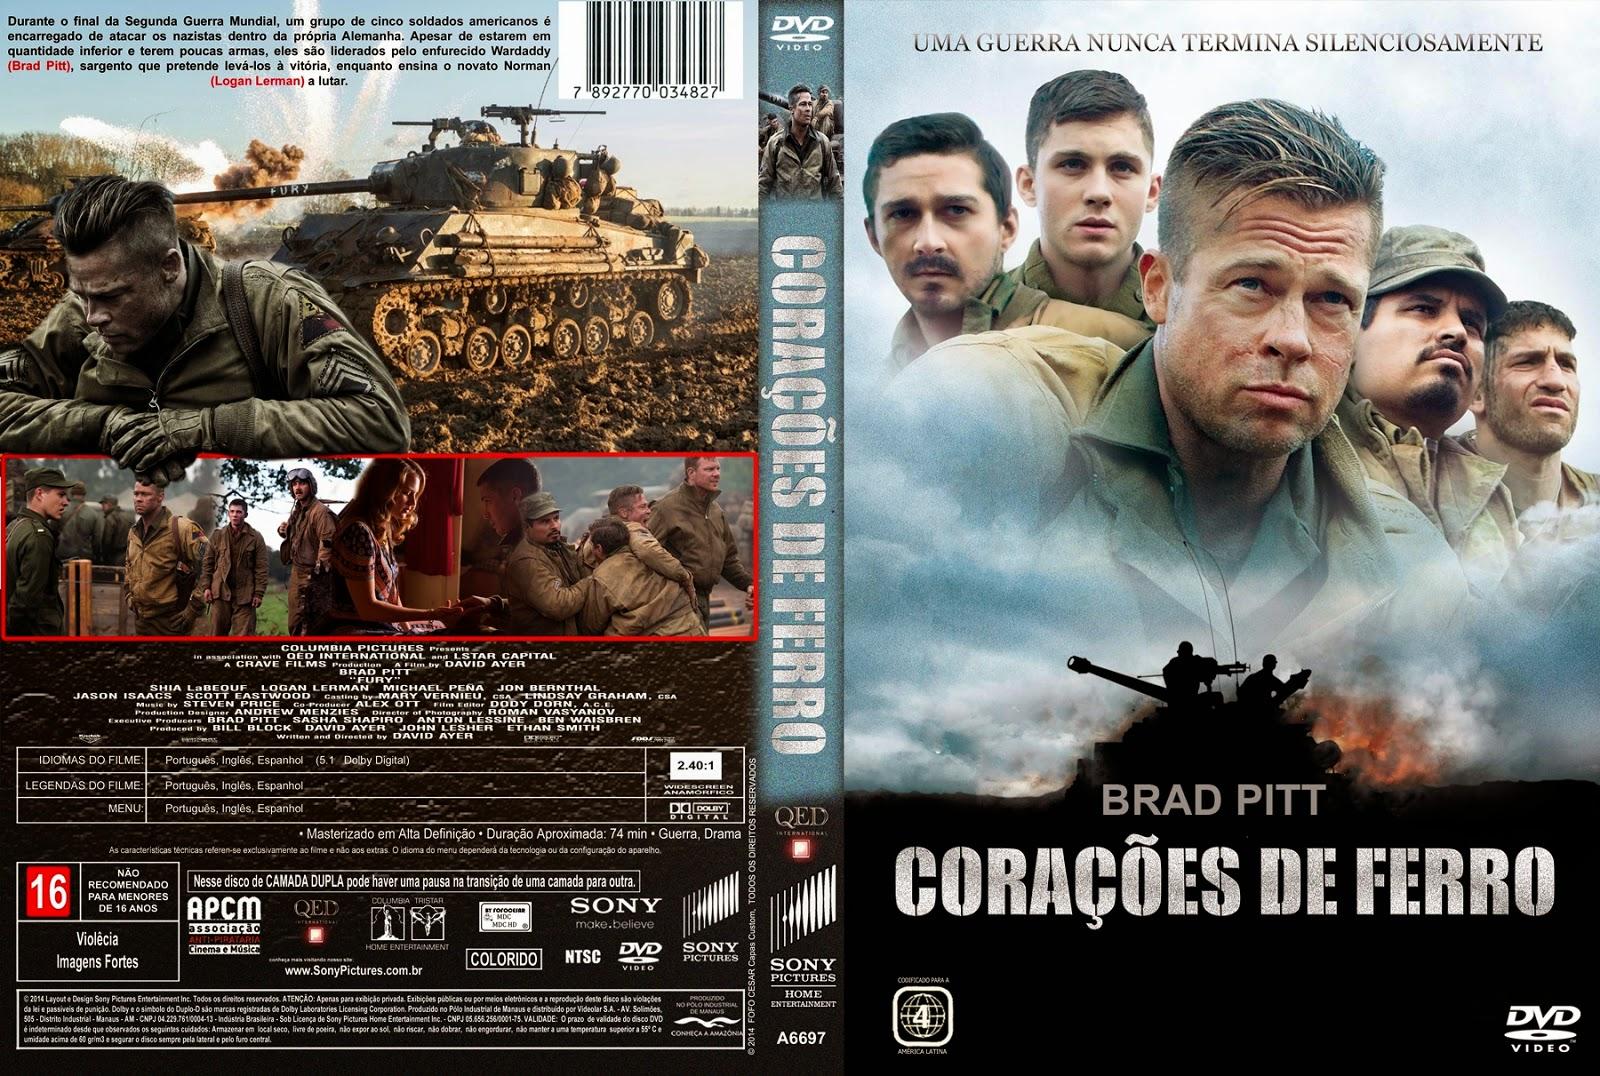 Download Corações de Ferro DVD-R Autorado Cora C3 A7 C3 B5es 2BDe 2BFerro 2B01